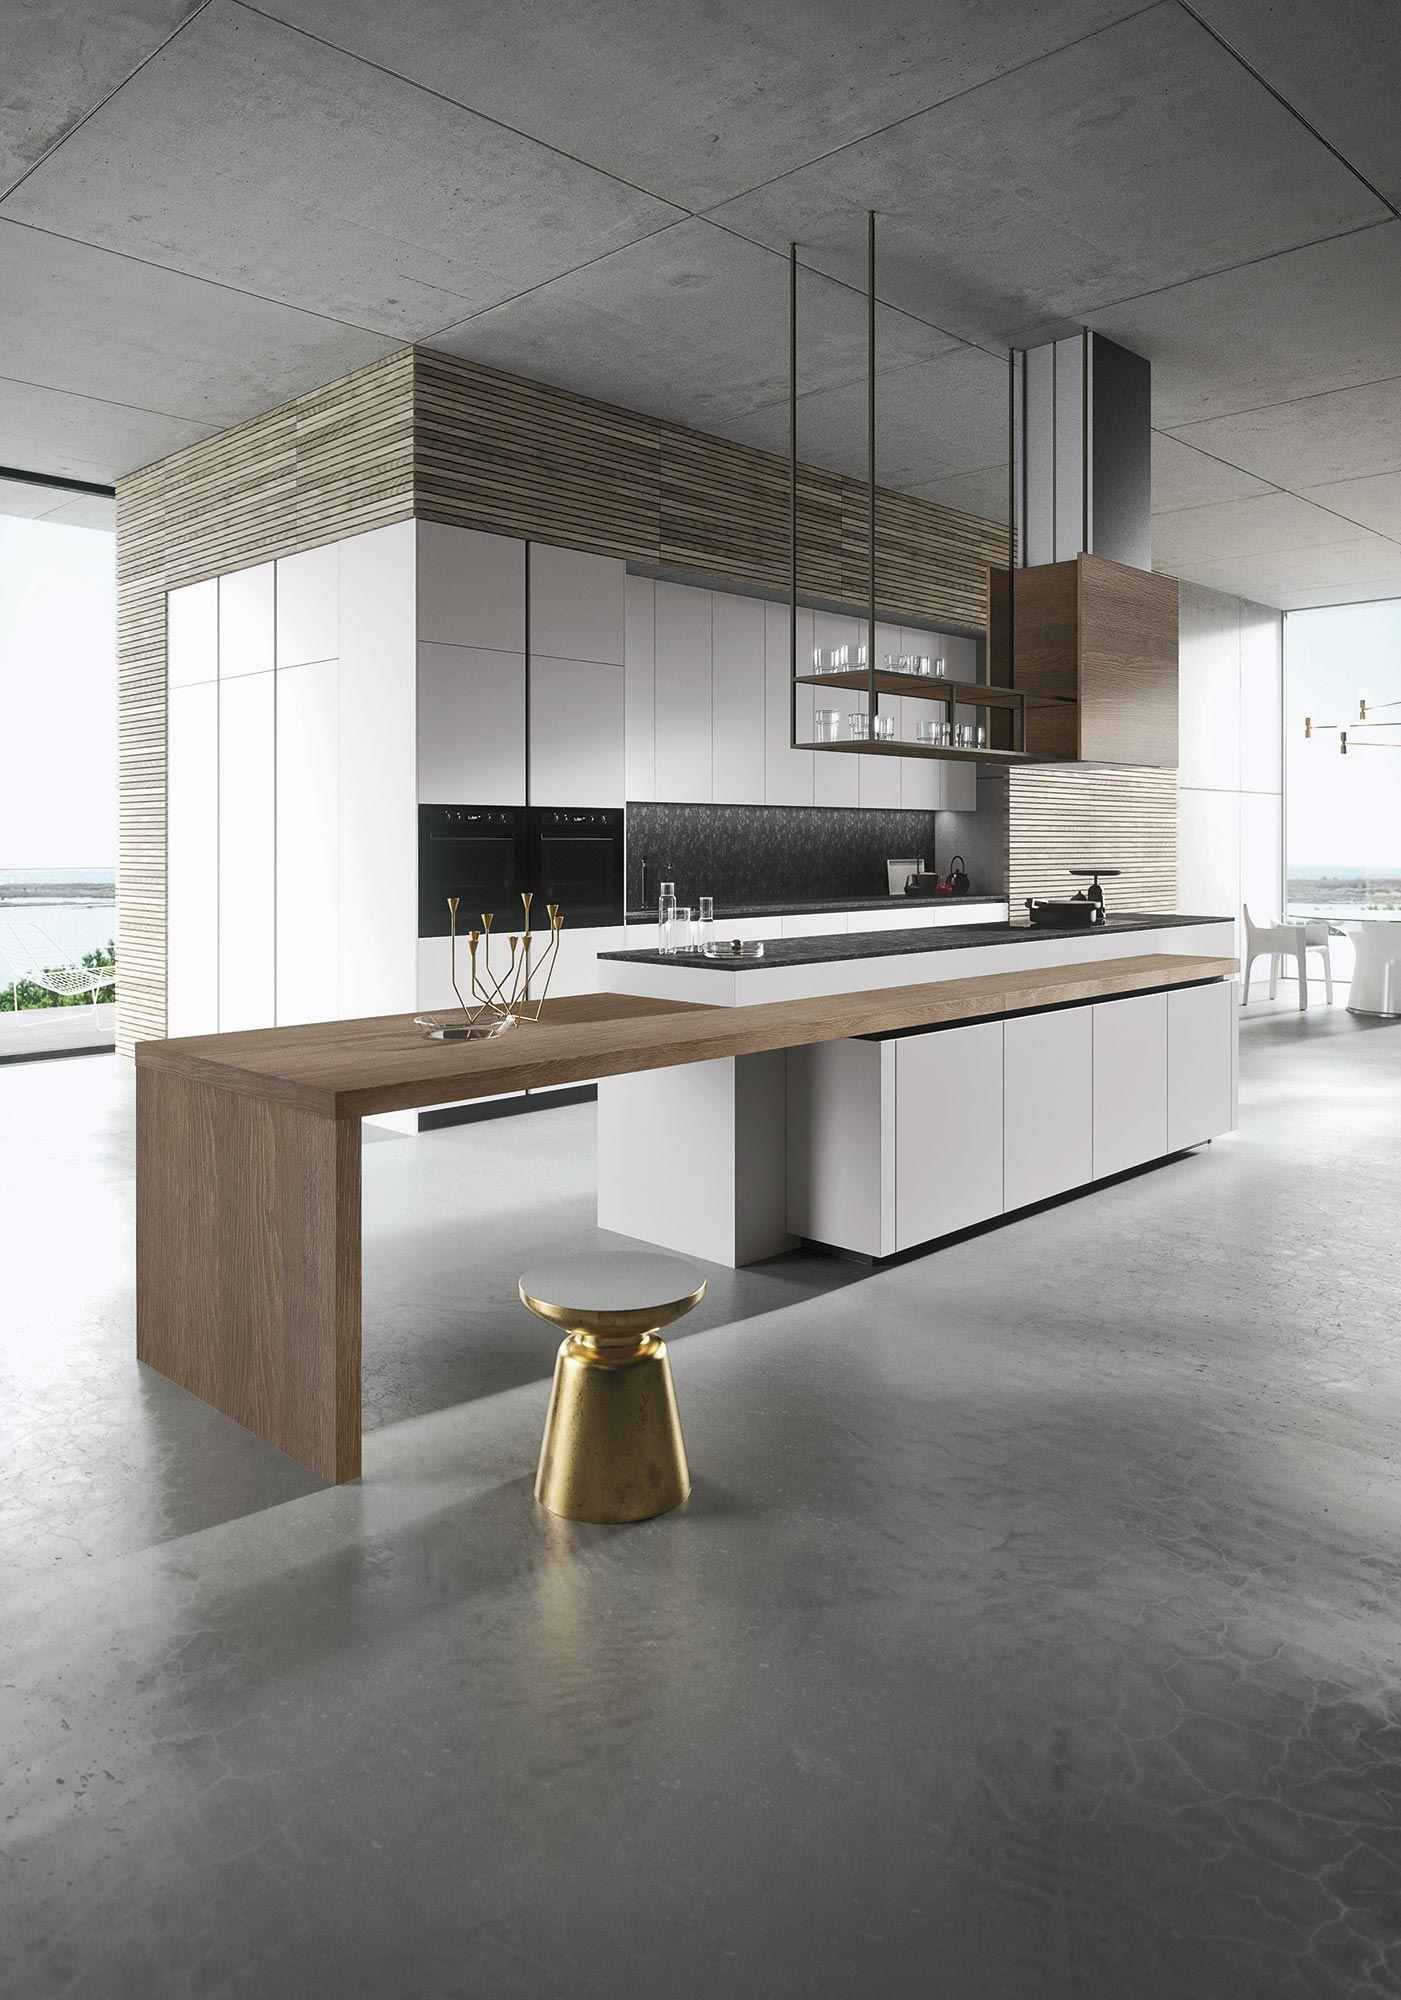 10x de mooiste moderne keukens  부엌, 모던 부엌 및 부엌 아이디어